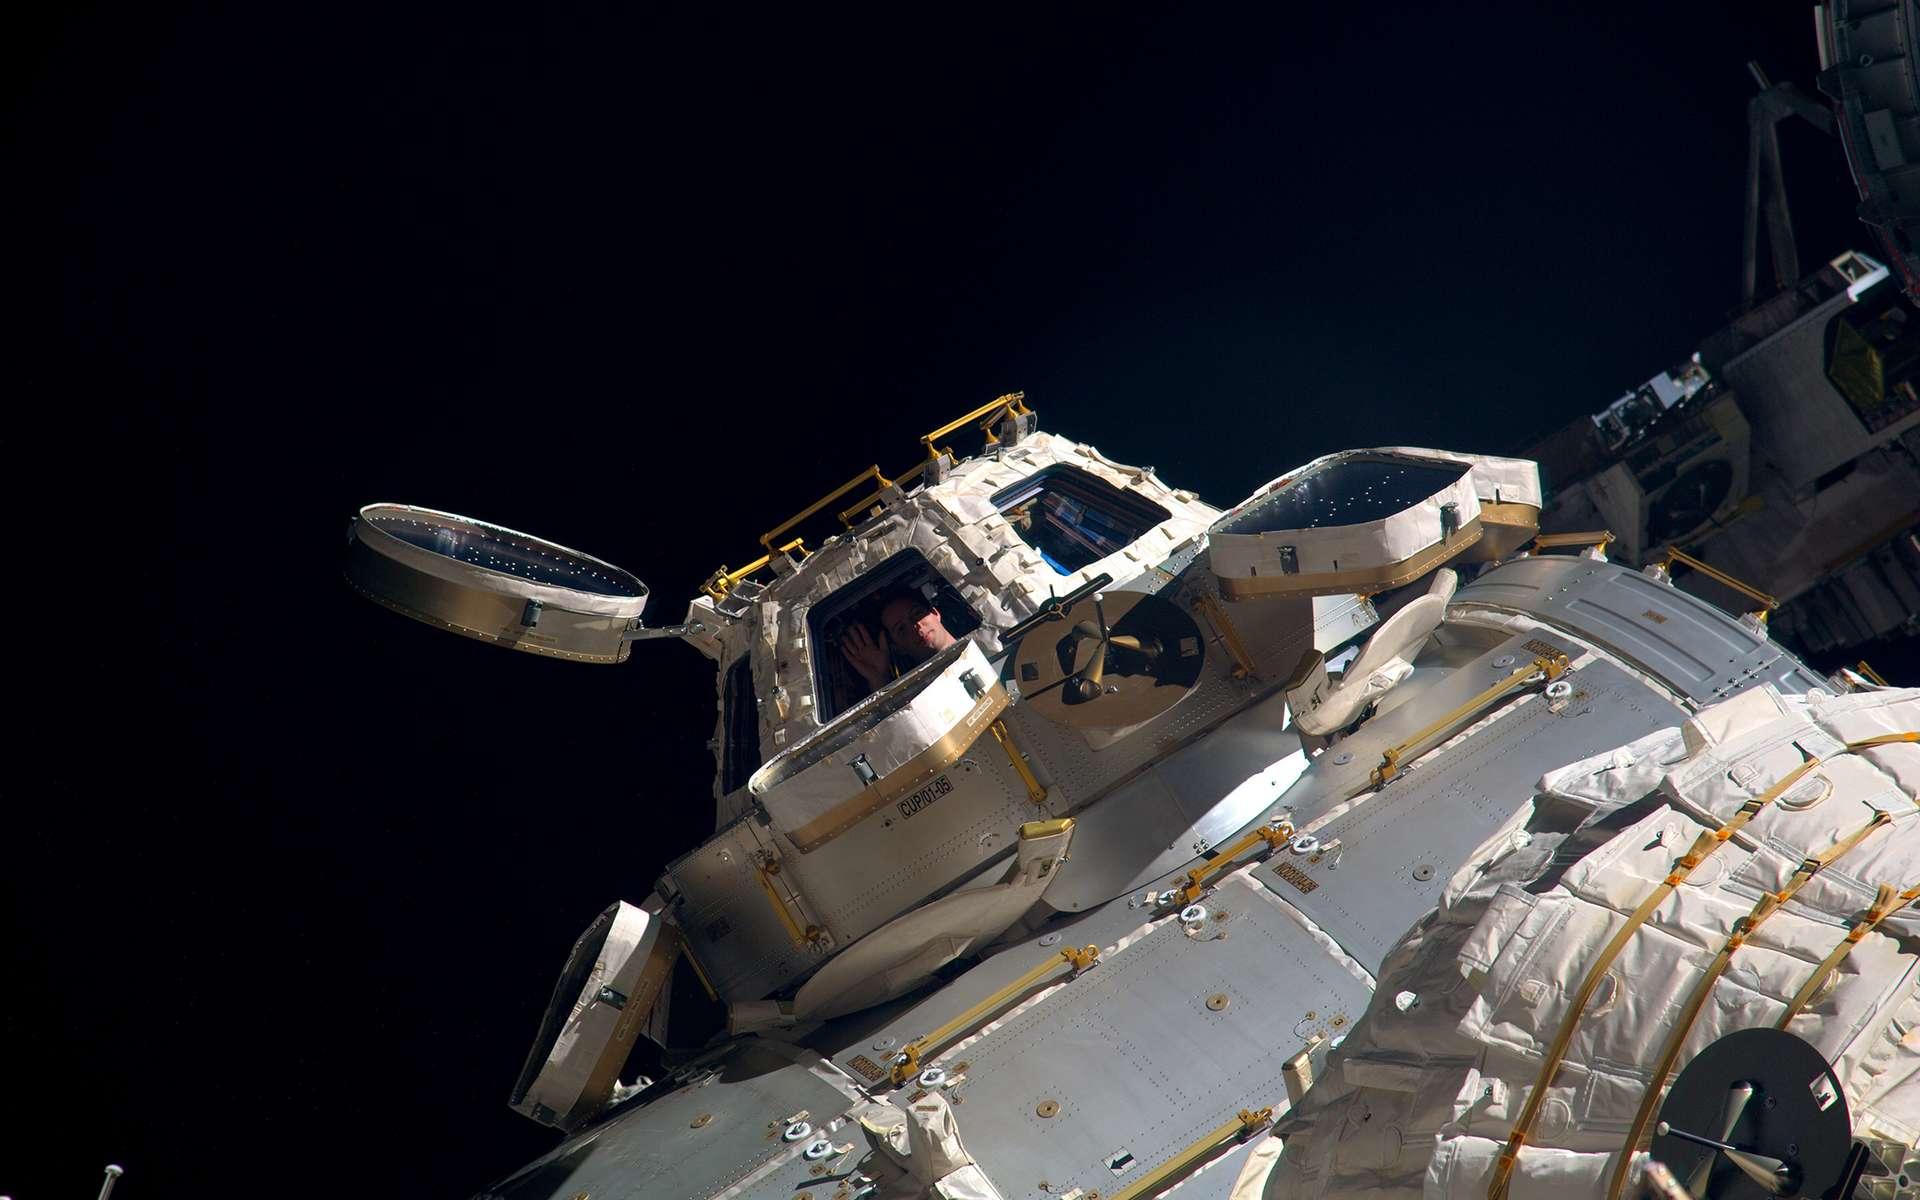 L'astronaute européen Thomas Pesquet à l'intérieur de la coupole d'où il peut piloter et contrôler le bras robotique de la Station spatiale internationale (mars 2017). © ESA, Nasa